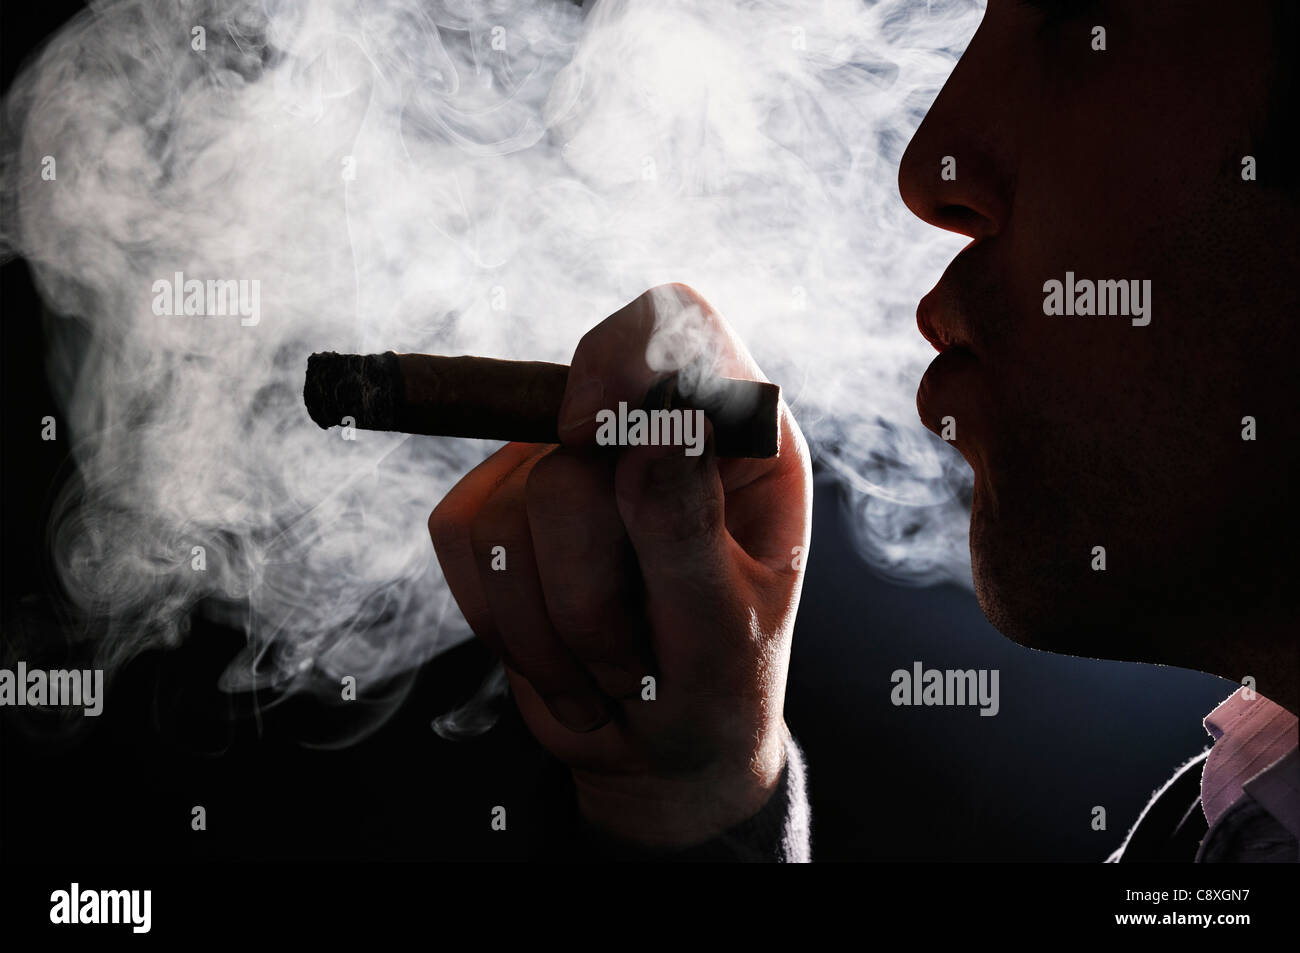 Man Smoking a Cigar - Stock Image